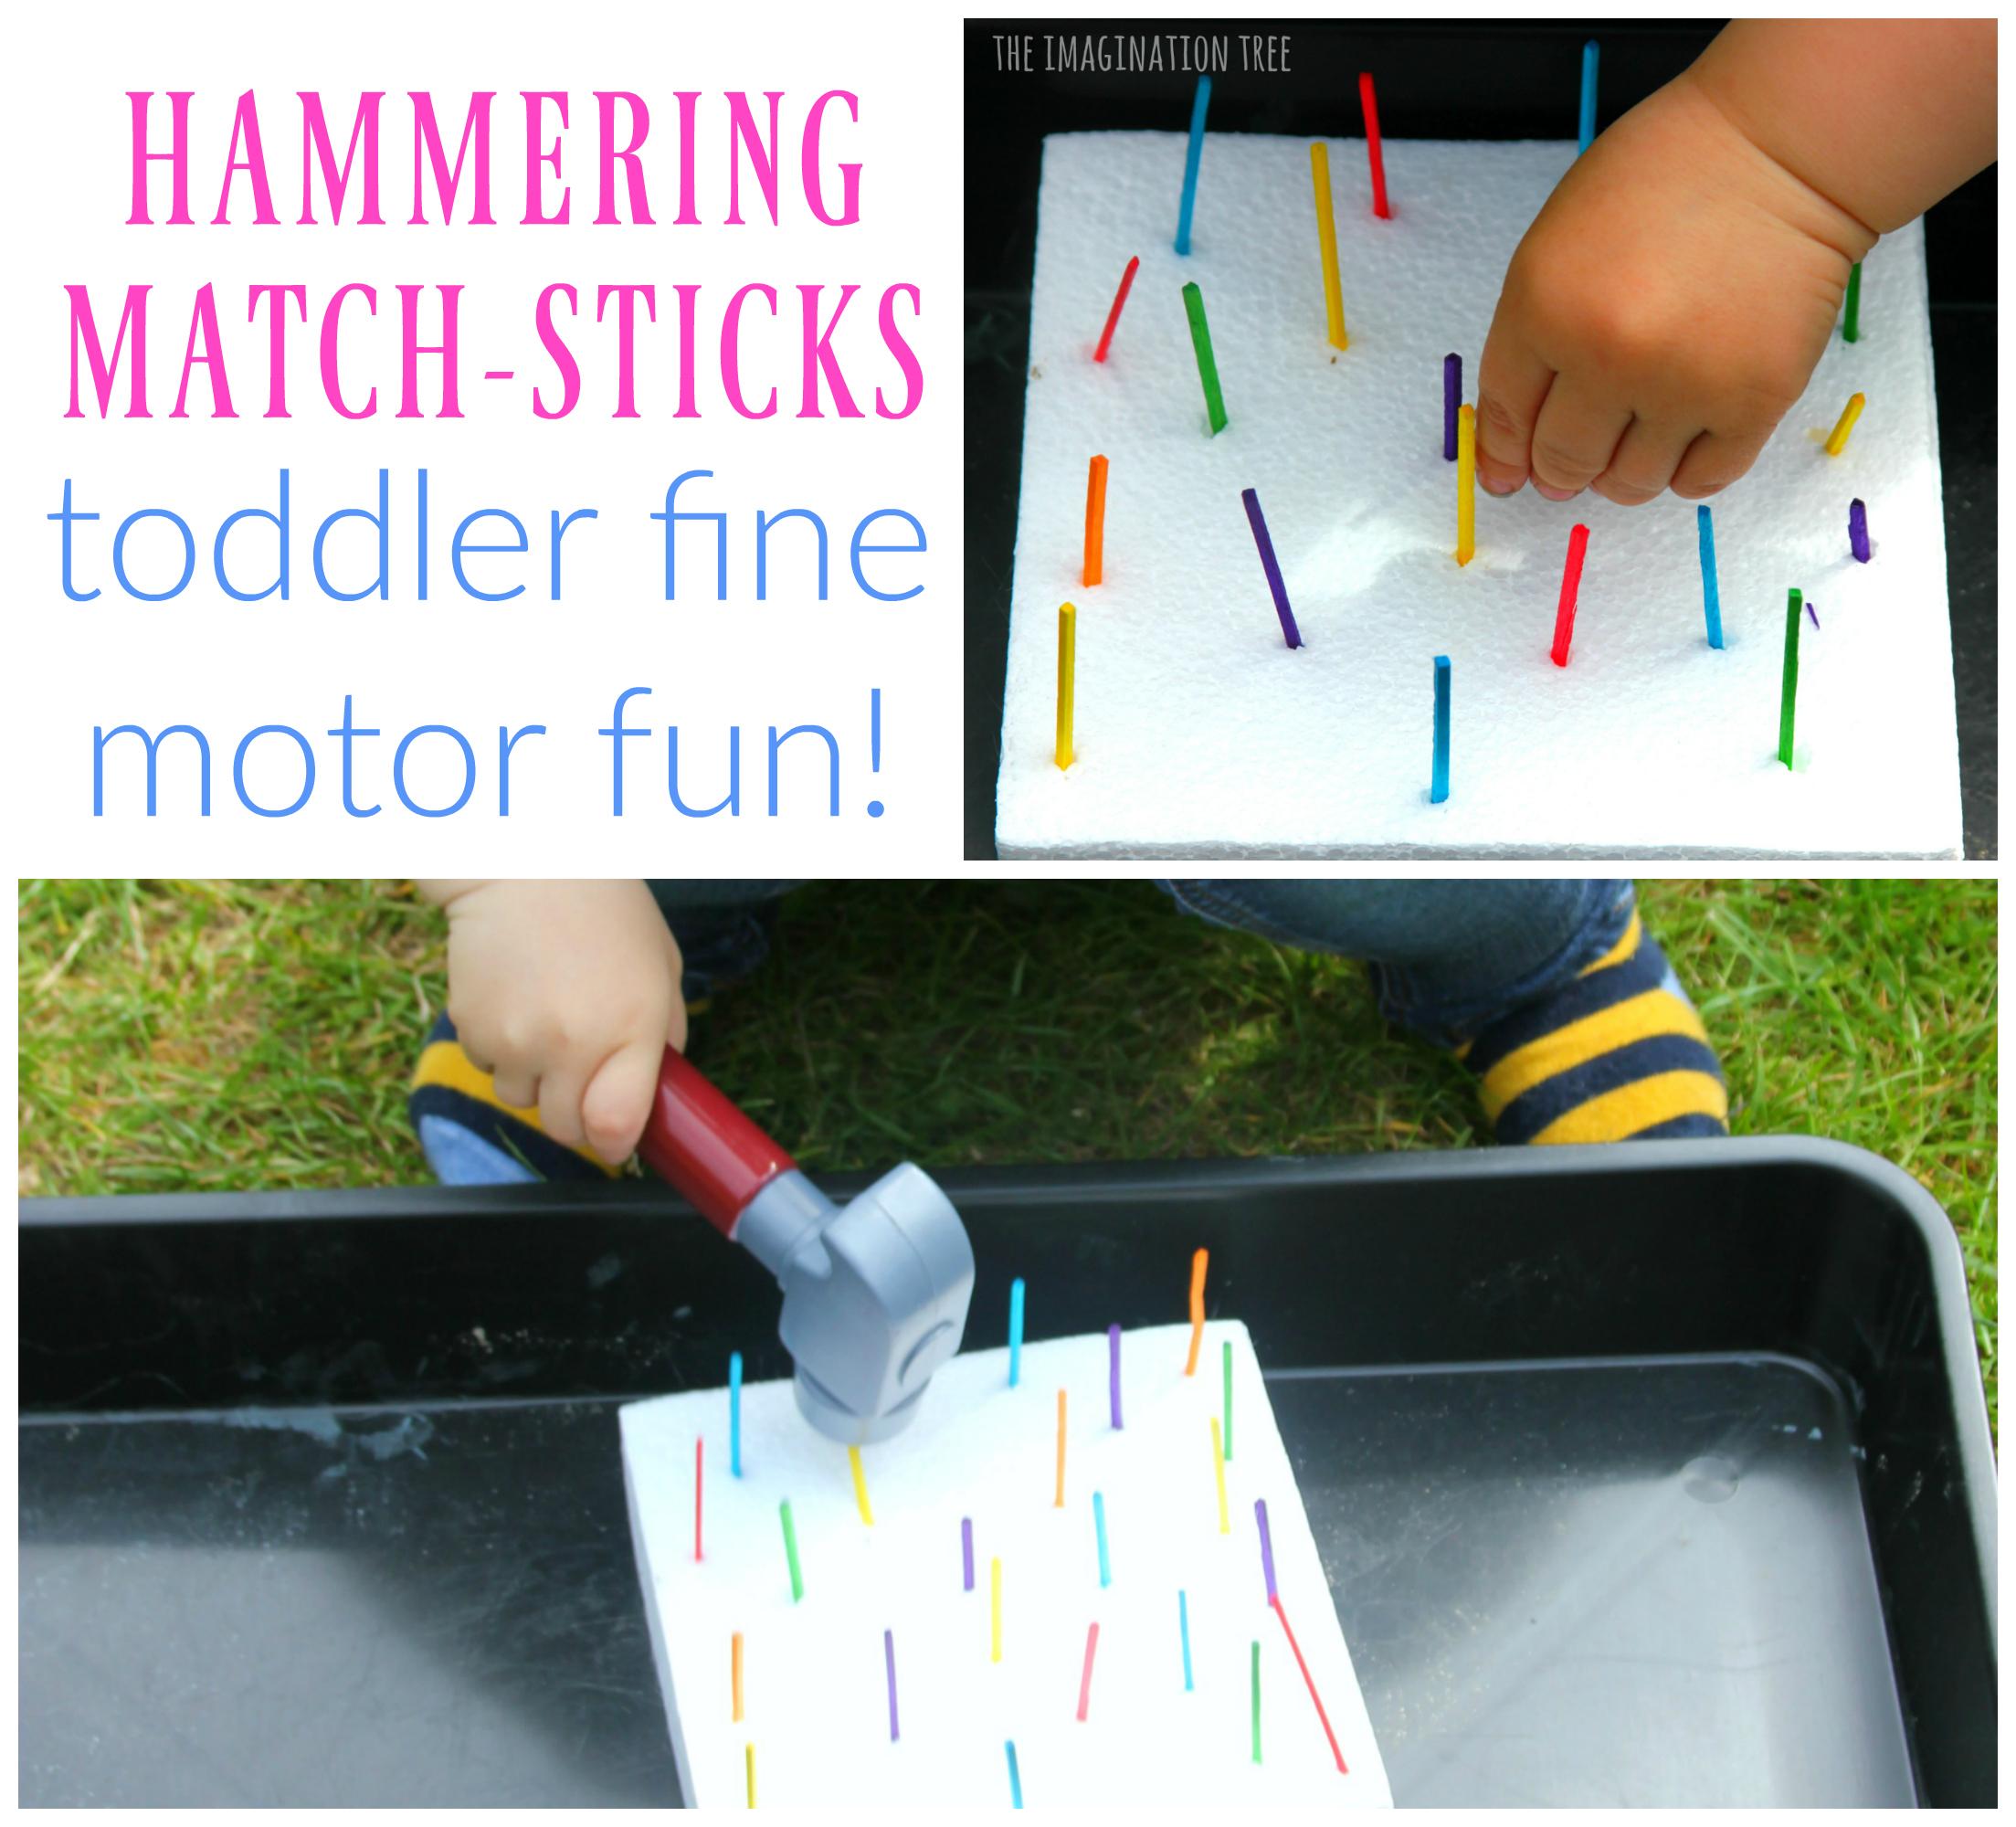 Hammering Match Sticks Toddler Fine